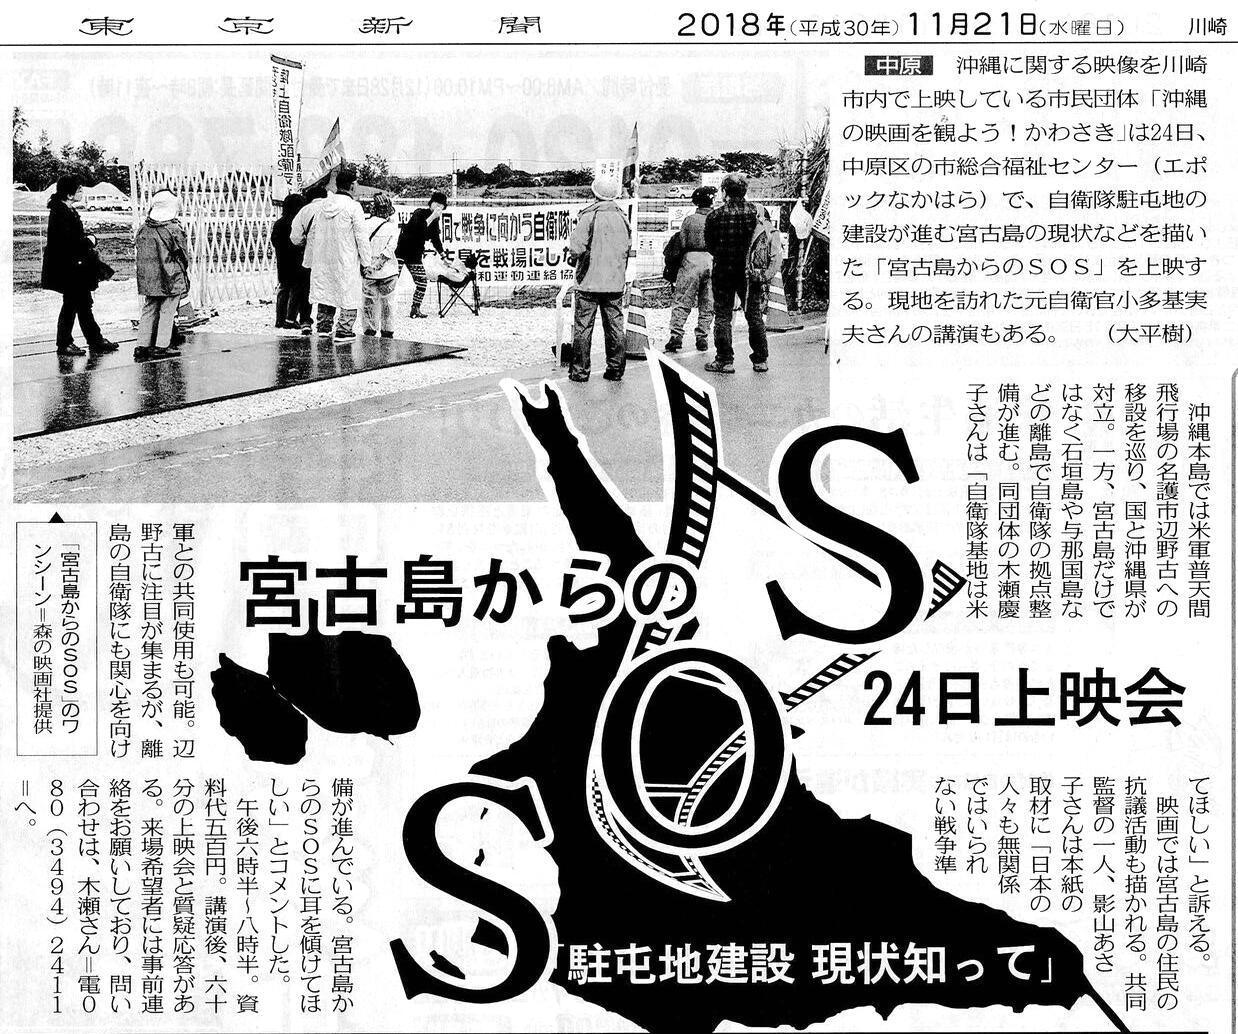 東京新聞2018 11211